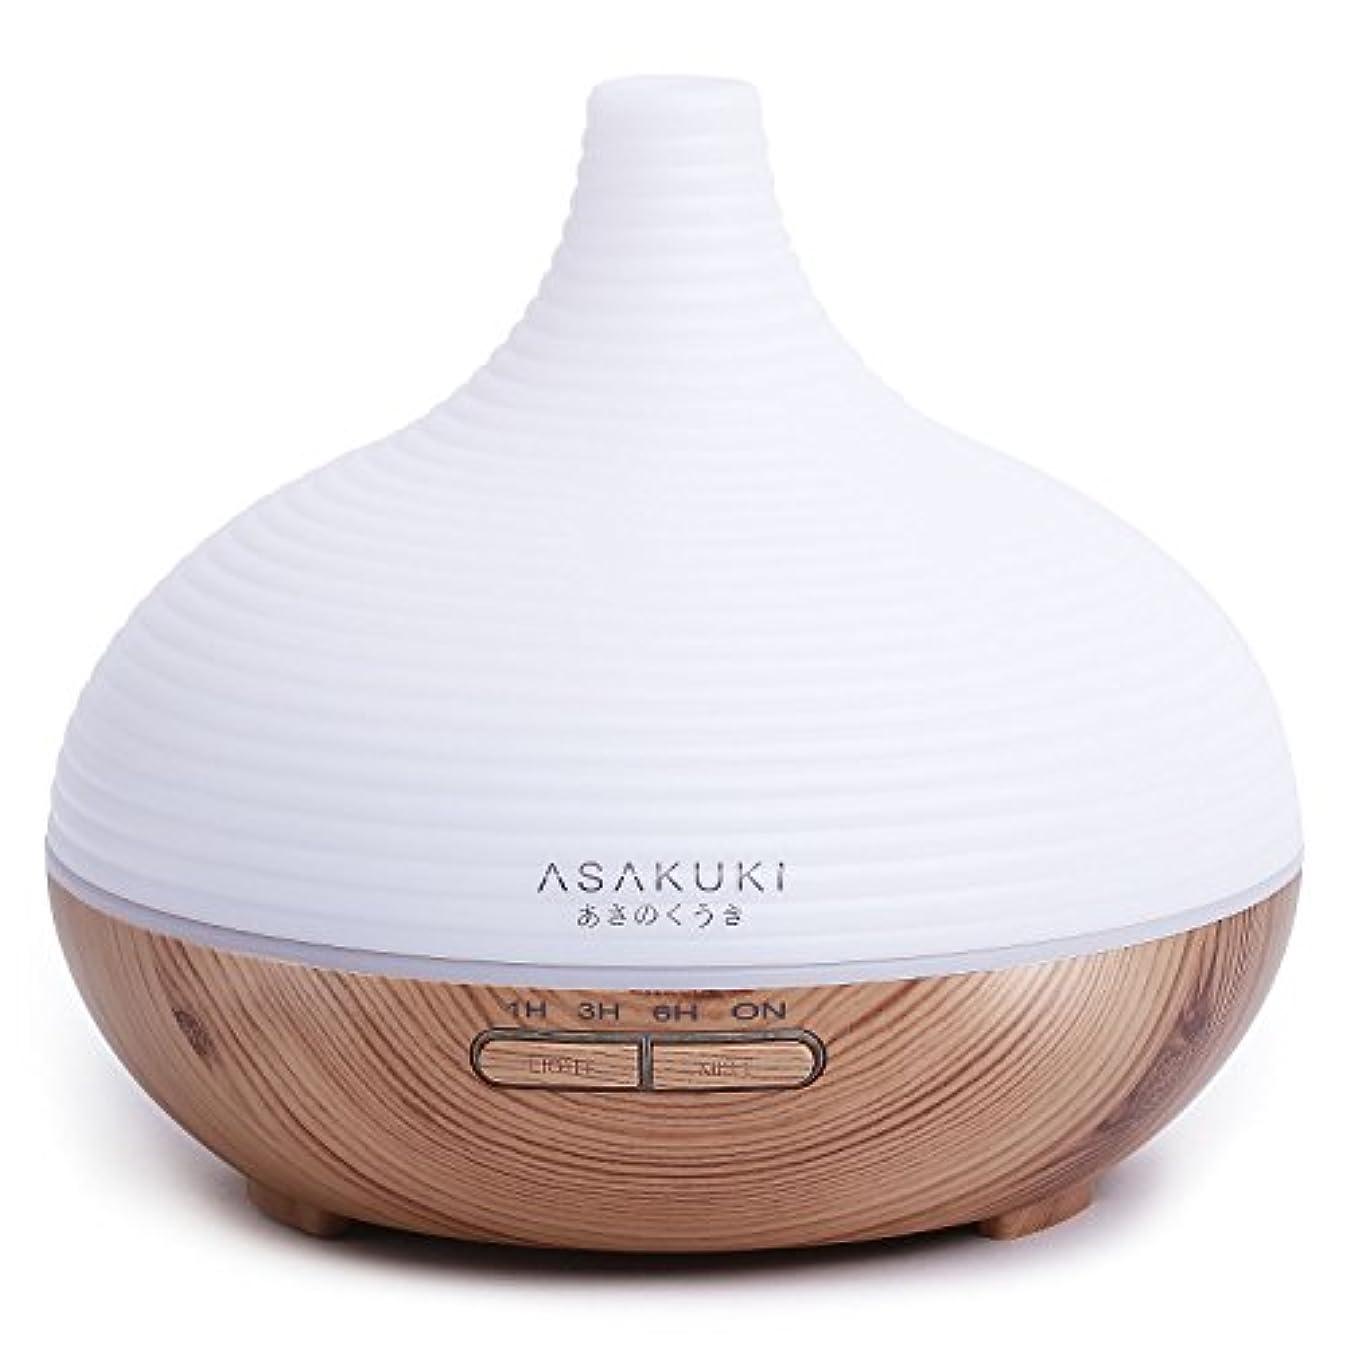 鬼ごっこ見つける季節asakuki 300 mlプレミアム、Essential Oil Diffuser、静かな5 - in - 1加湿器、自然Home Fragrance Diffuser with 7 LEDの色変更ライトと簡単にクリーン...